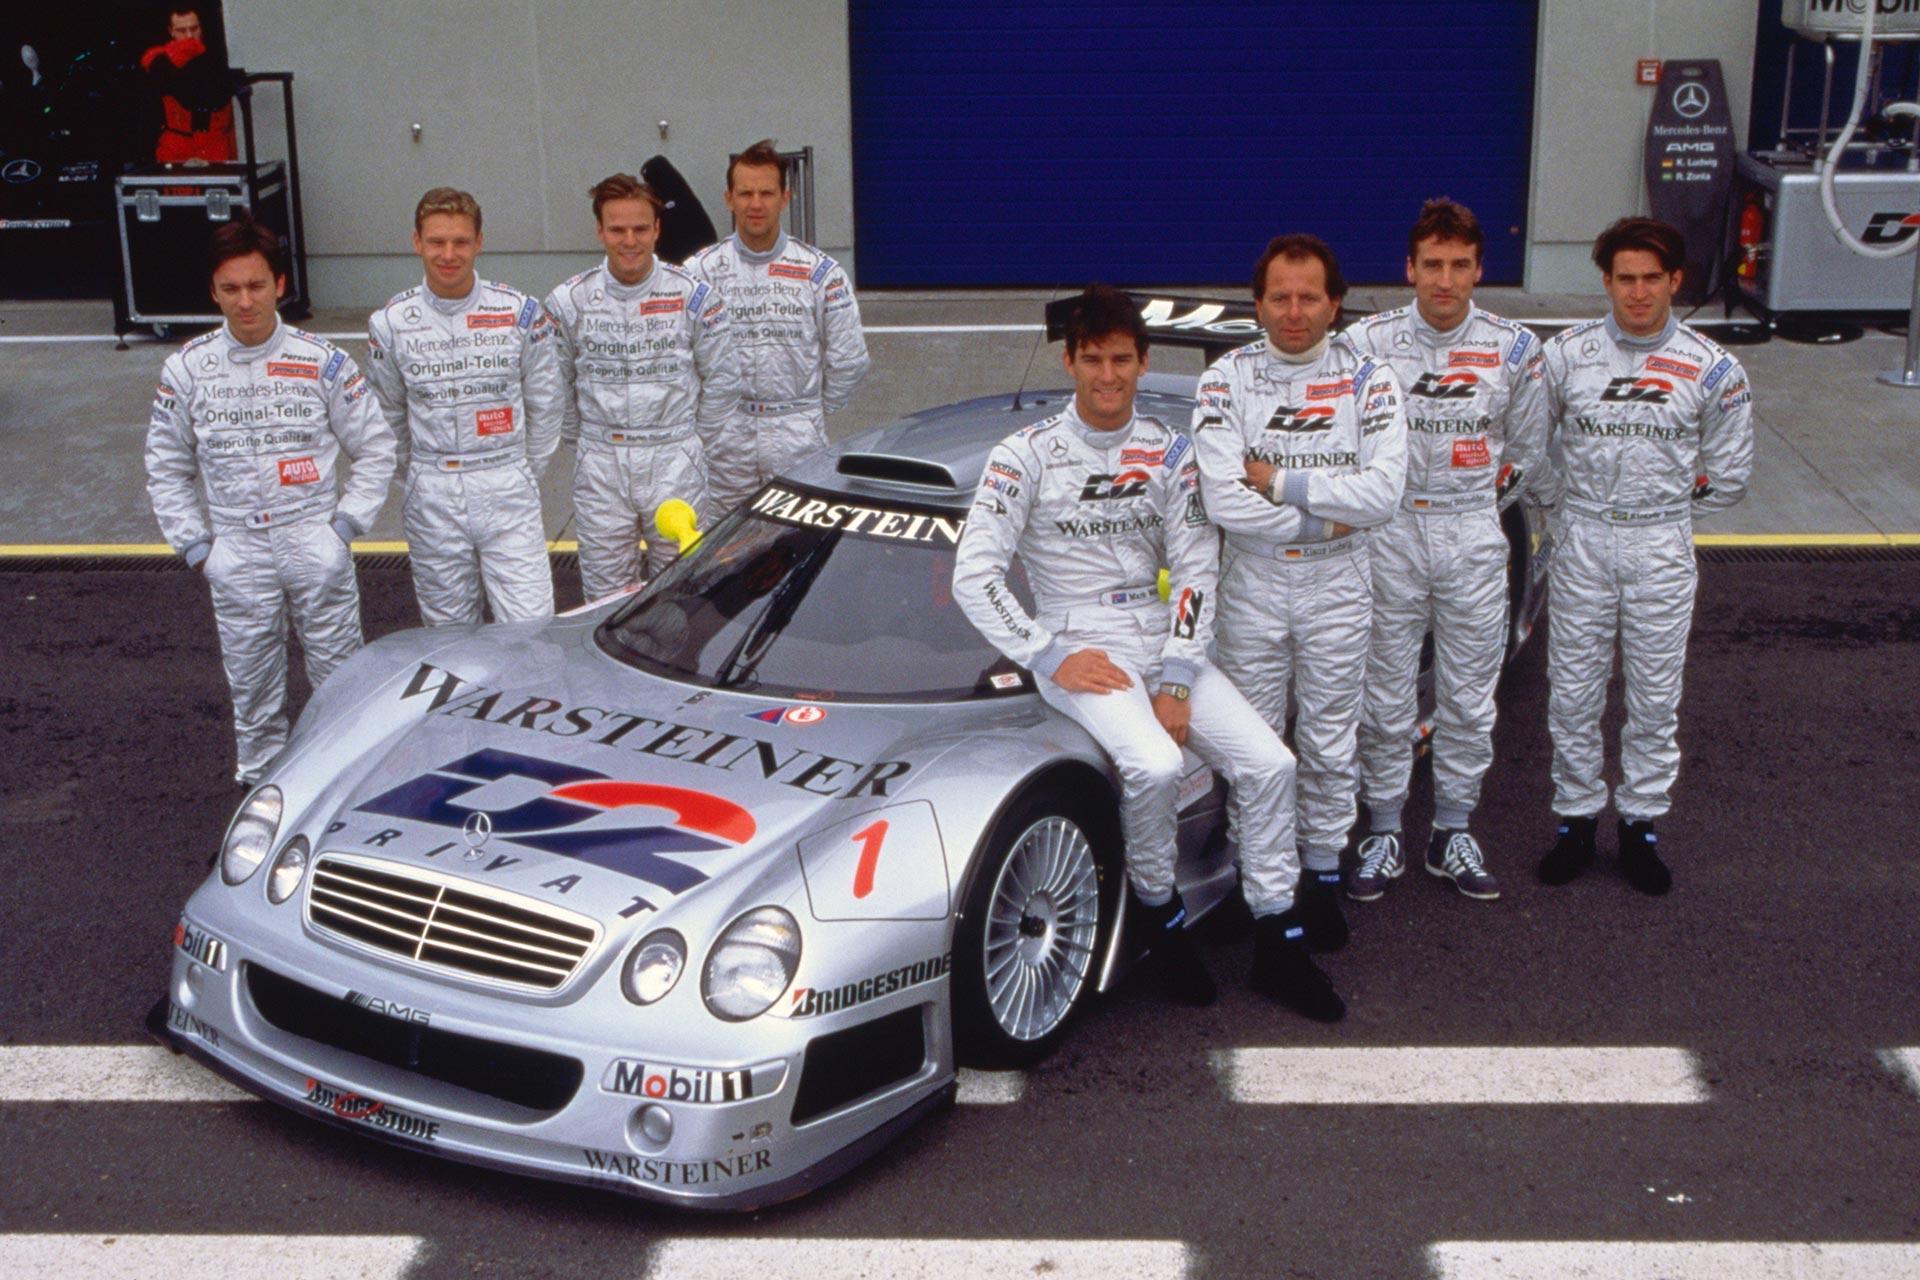 Ricardo Zonta (ganz rechts) mit der Mercedes-Benz Fahrermannschaft für die FIA-GT-Meisterschaft 1998 und einem Mercedes-Benz CLK-GTR Rennsport-Tourenwagen. Von links nach rechts: Christophe Bouchut, Bernd Mayländer, Marcel Tiemann, Jean-Marc Gounon, Mark Webber, Klaus Ludwig, Bernd Schneider und Ricardo Zonta.